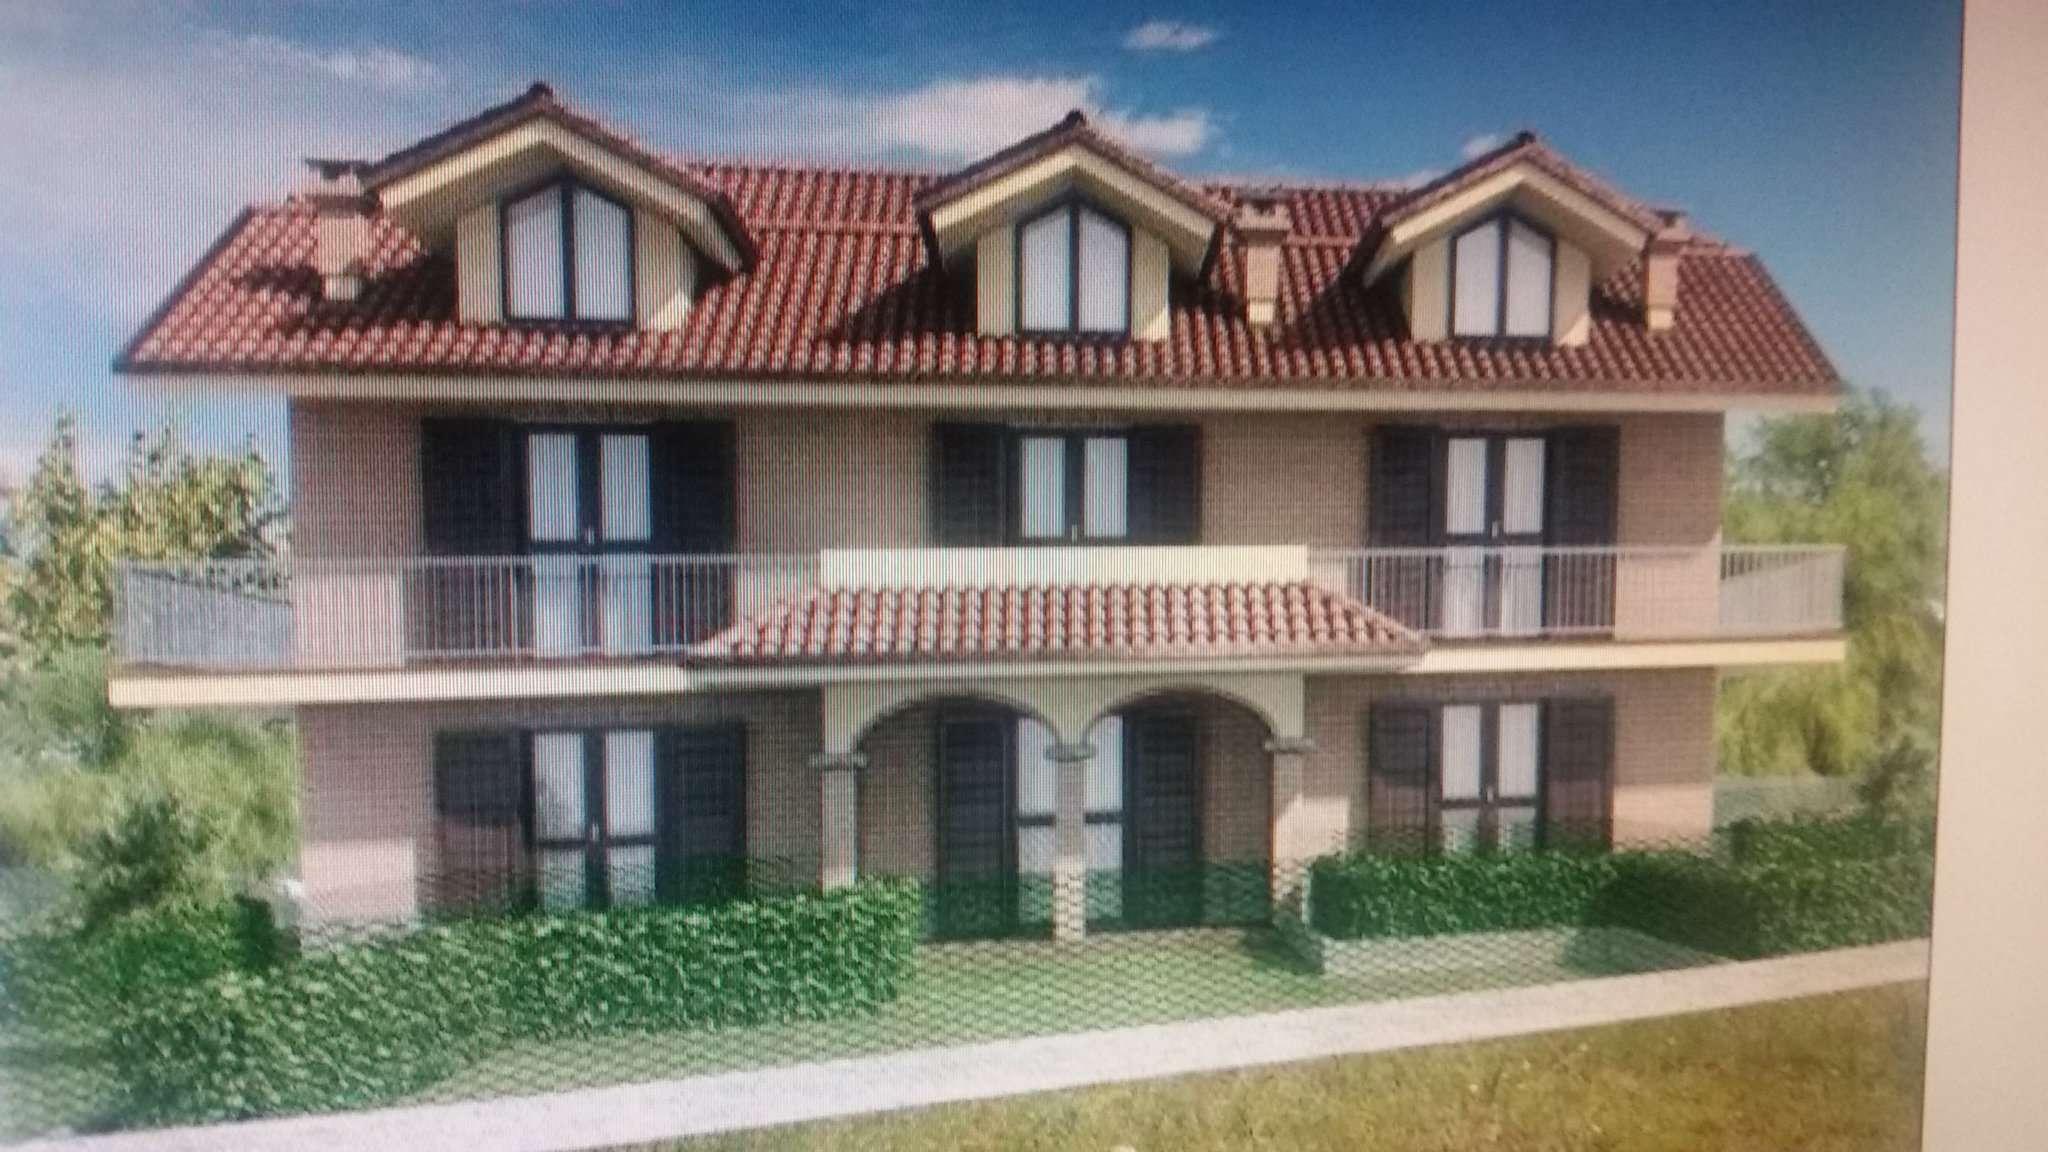 Villa a Schiera in vendita a Caselette, 6 locali, prezzo € 310.000 | CambioCasa.it